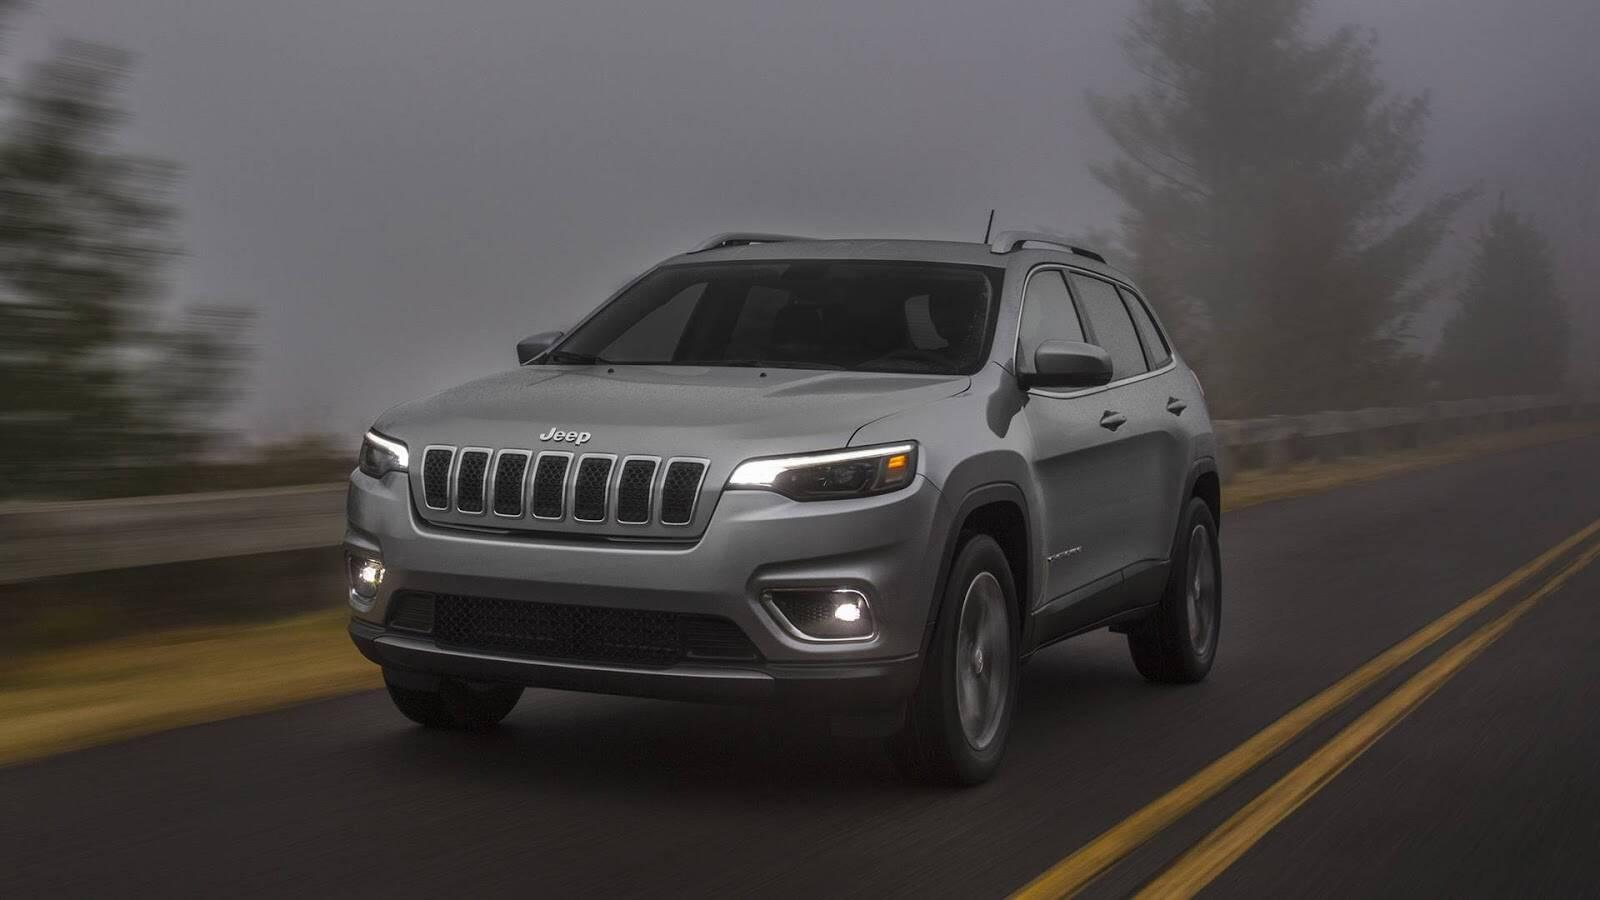 Jeep Cherokee 2019. Foto: Divulgação